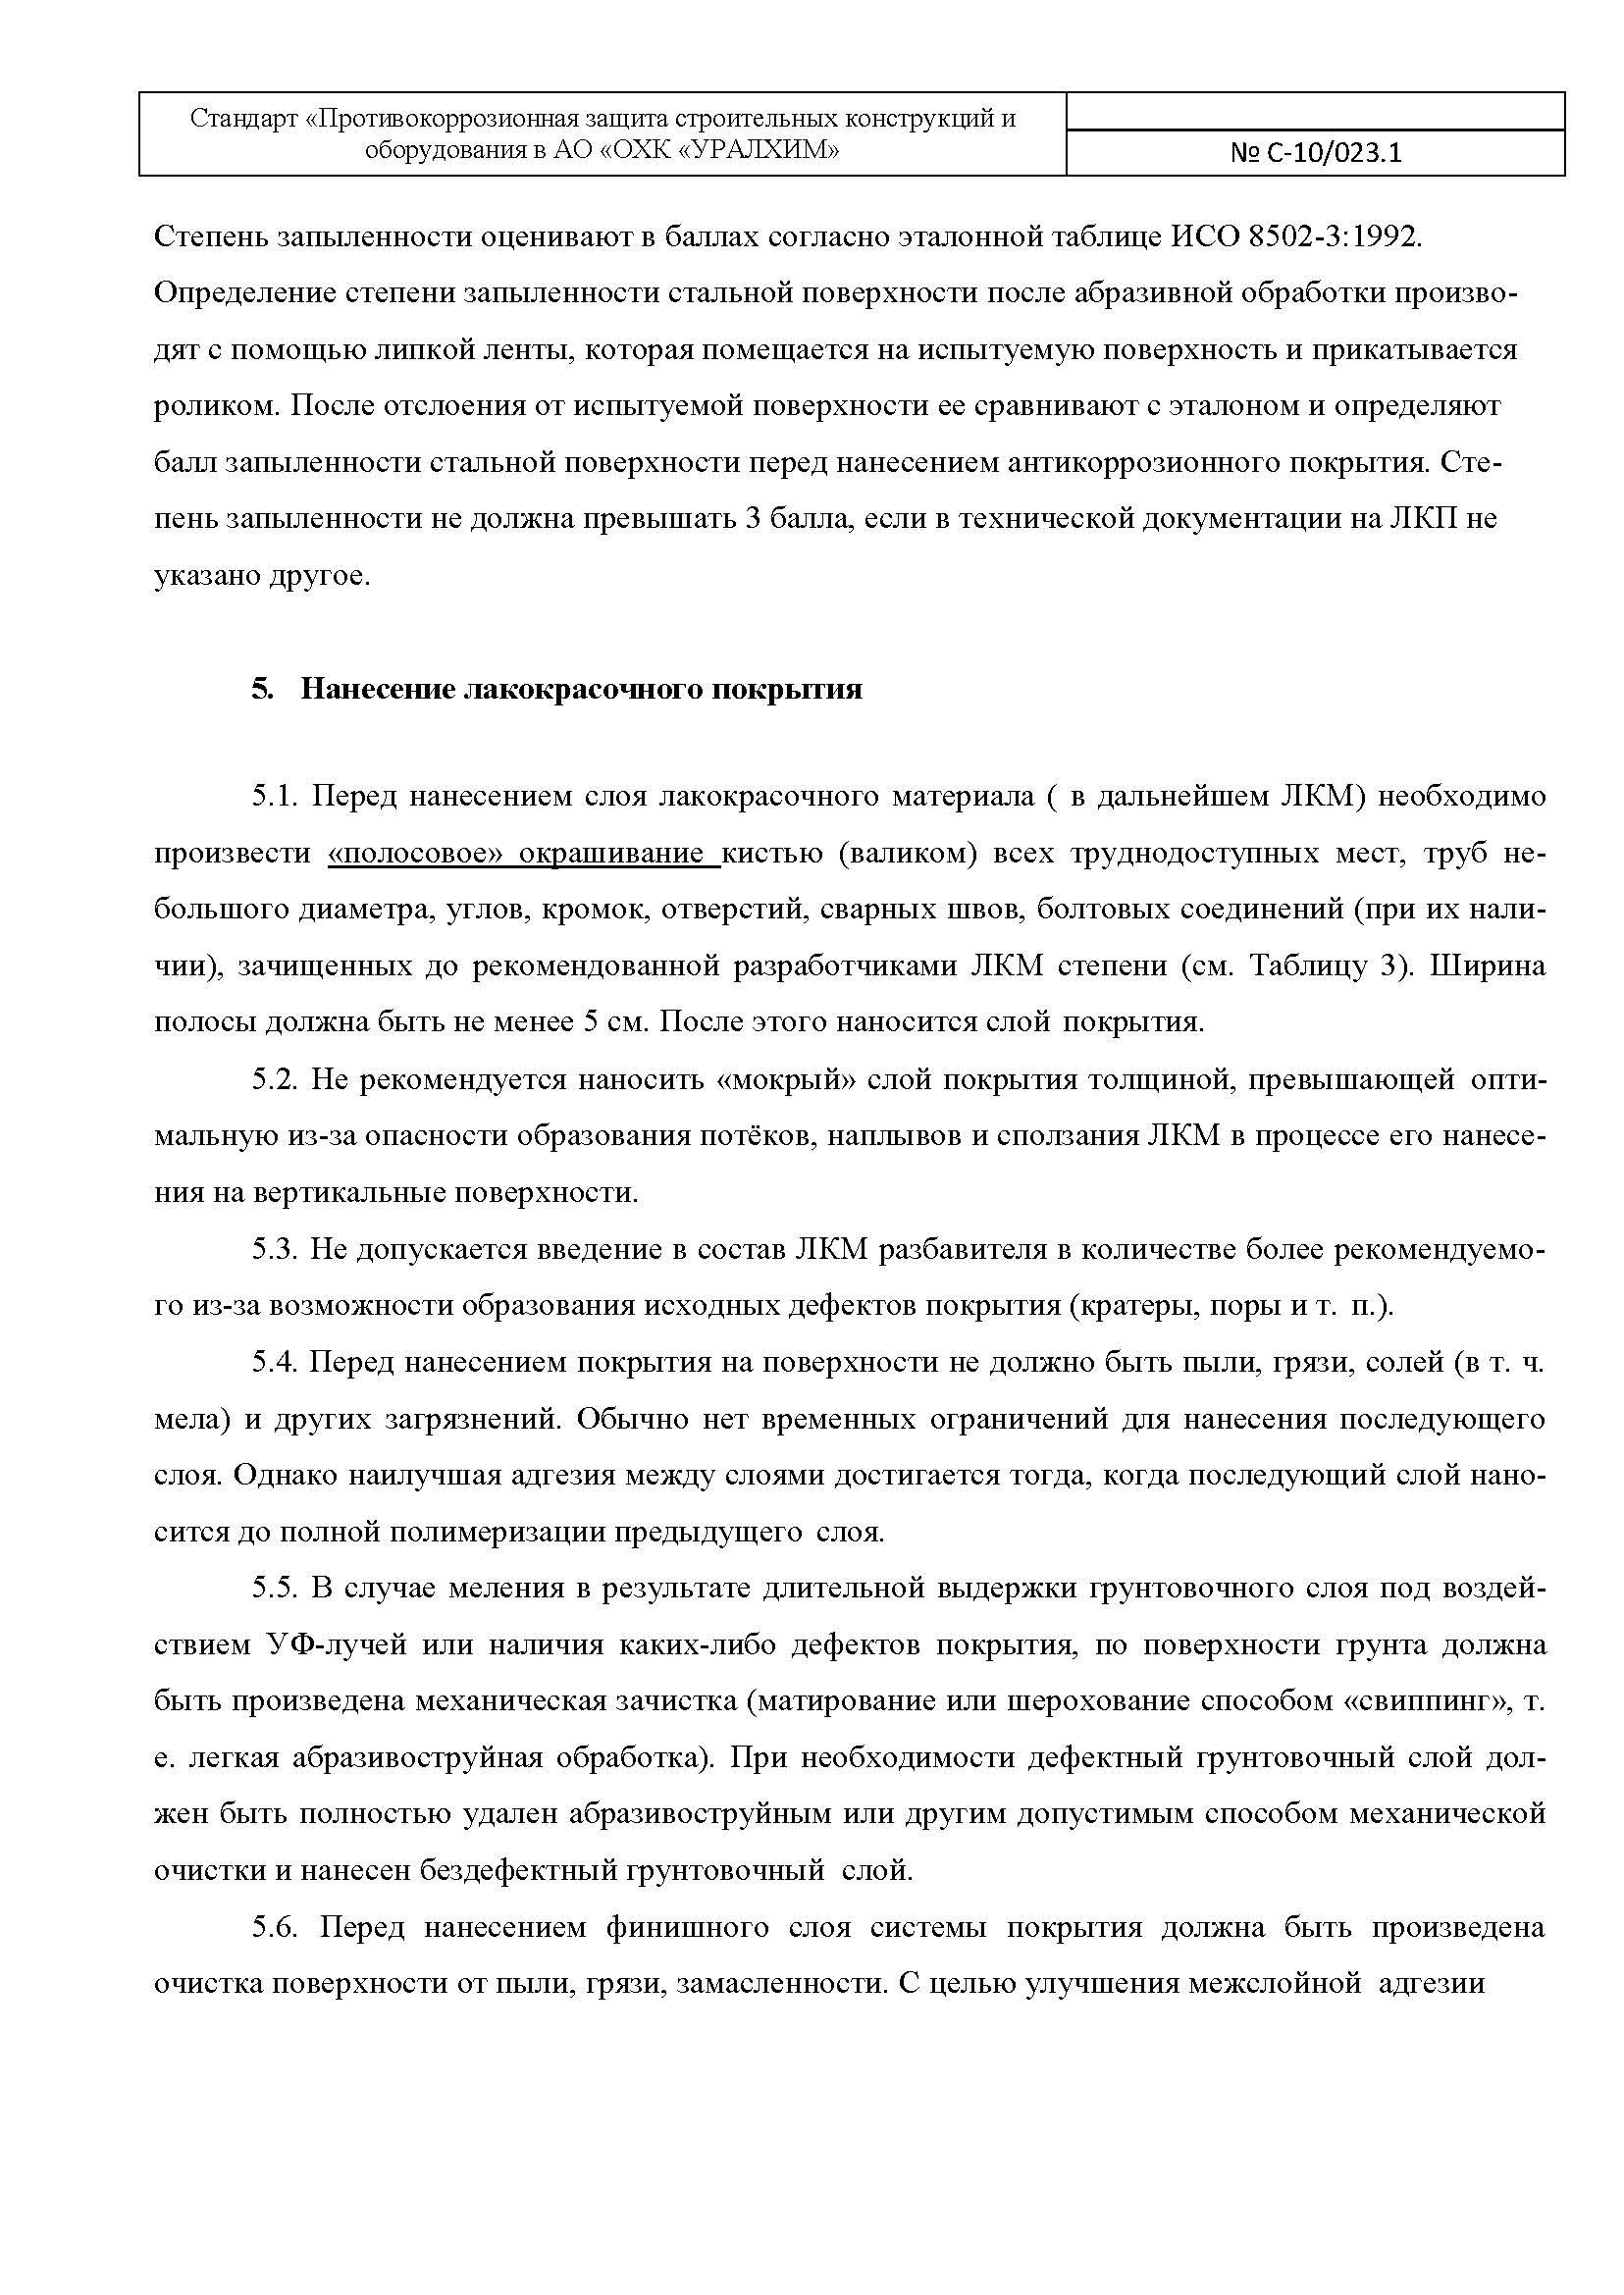 Выписка из Стандарта Противокоррозионная защита строительных конструкций и оборудования АО ОХК УРЛХИМ_Страница_10